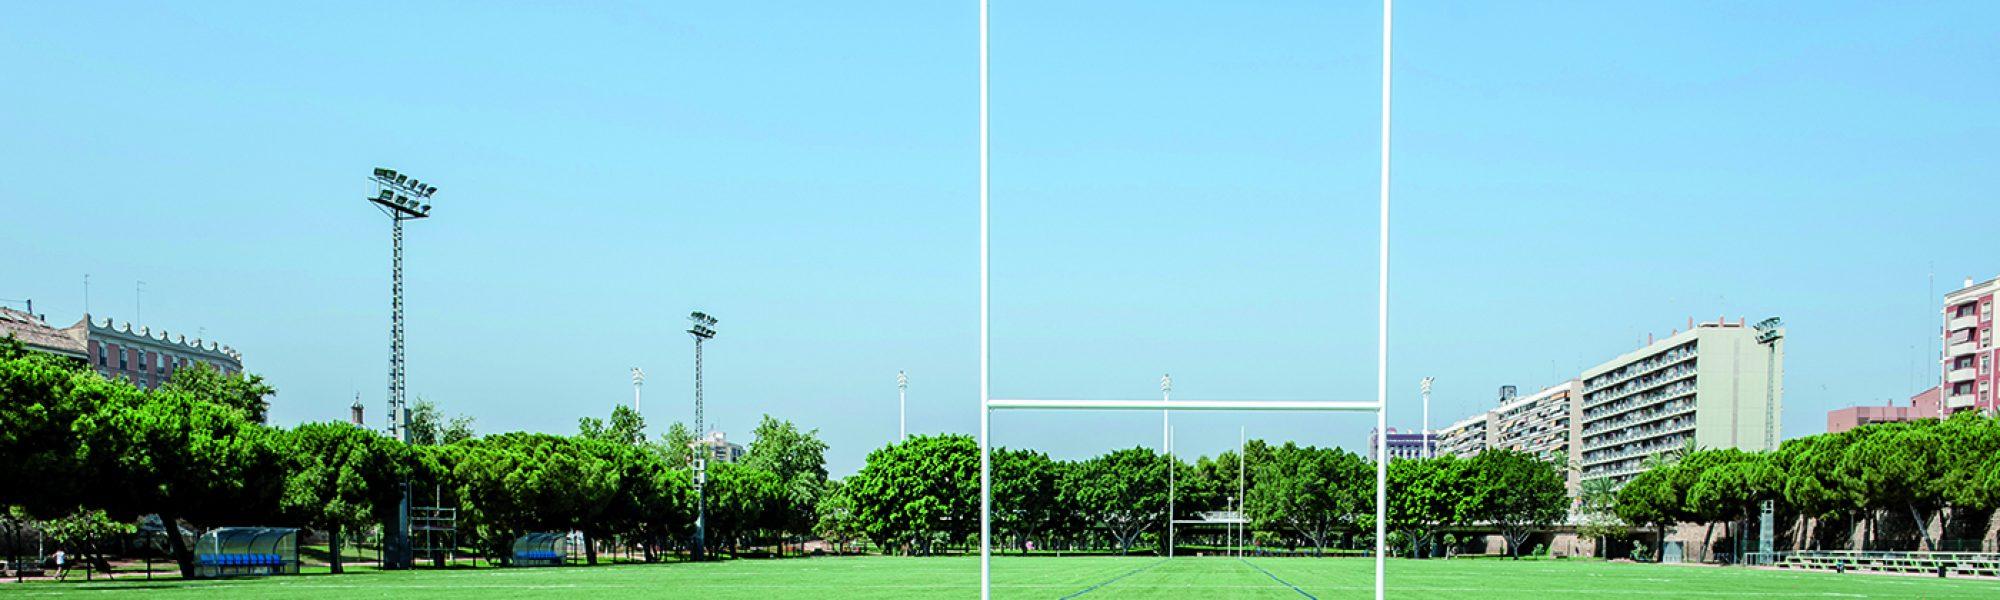 Campo de Rugby RiÌo Turia, Valencia